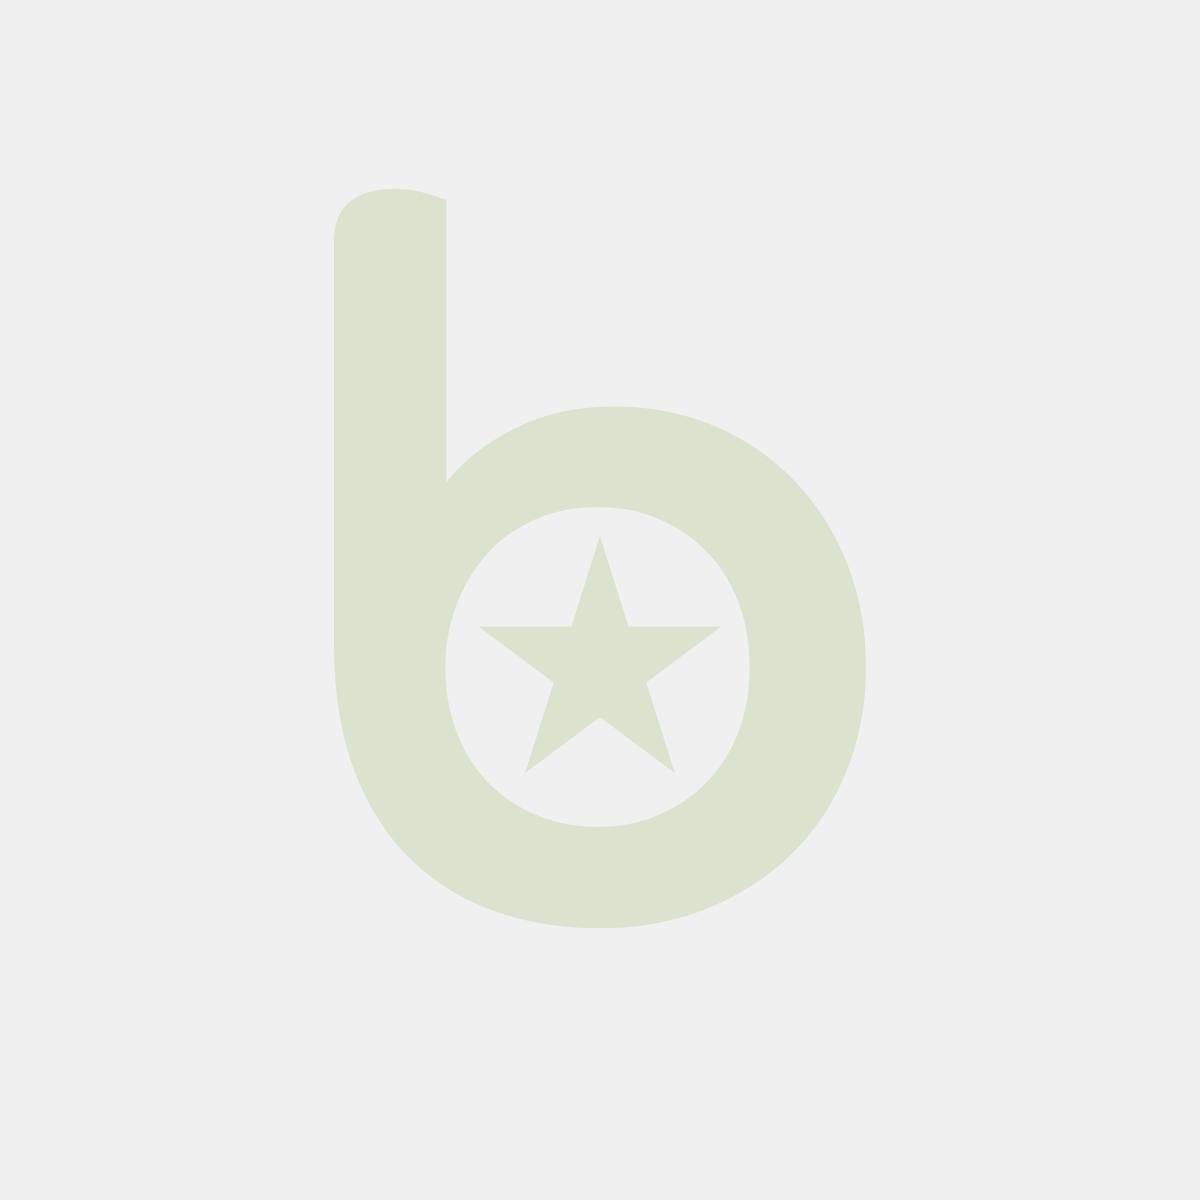 FINGERFOOD - Miseczki z drewna, 16,5 cm x 8,5 cm,